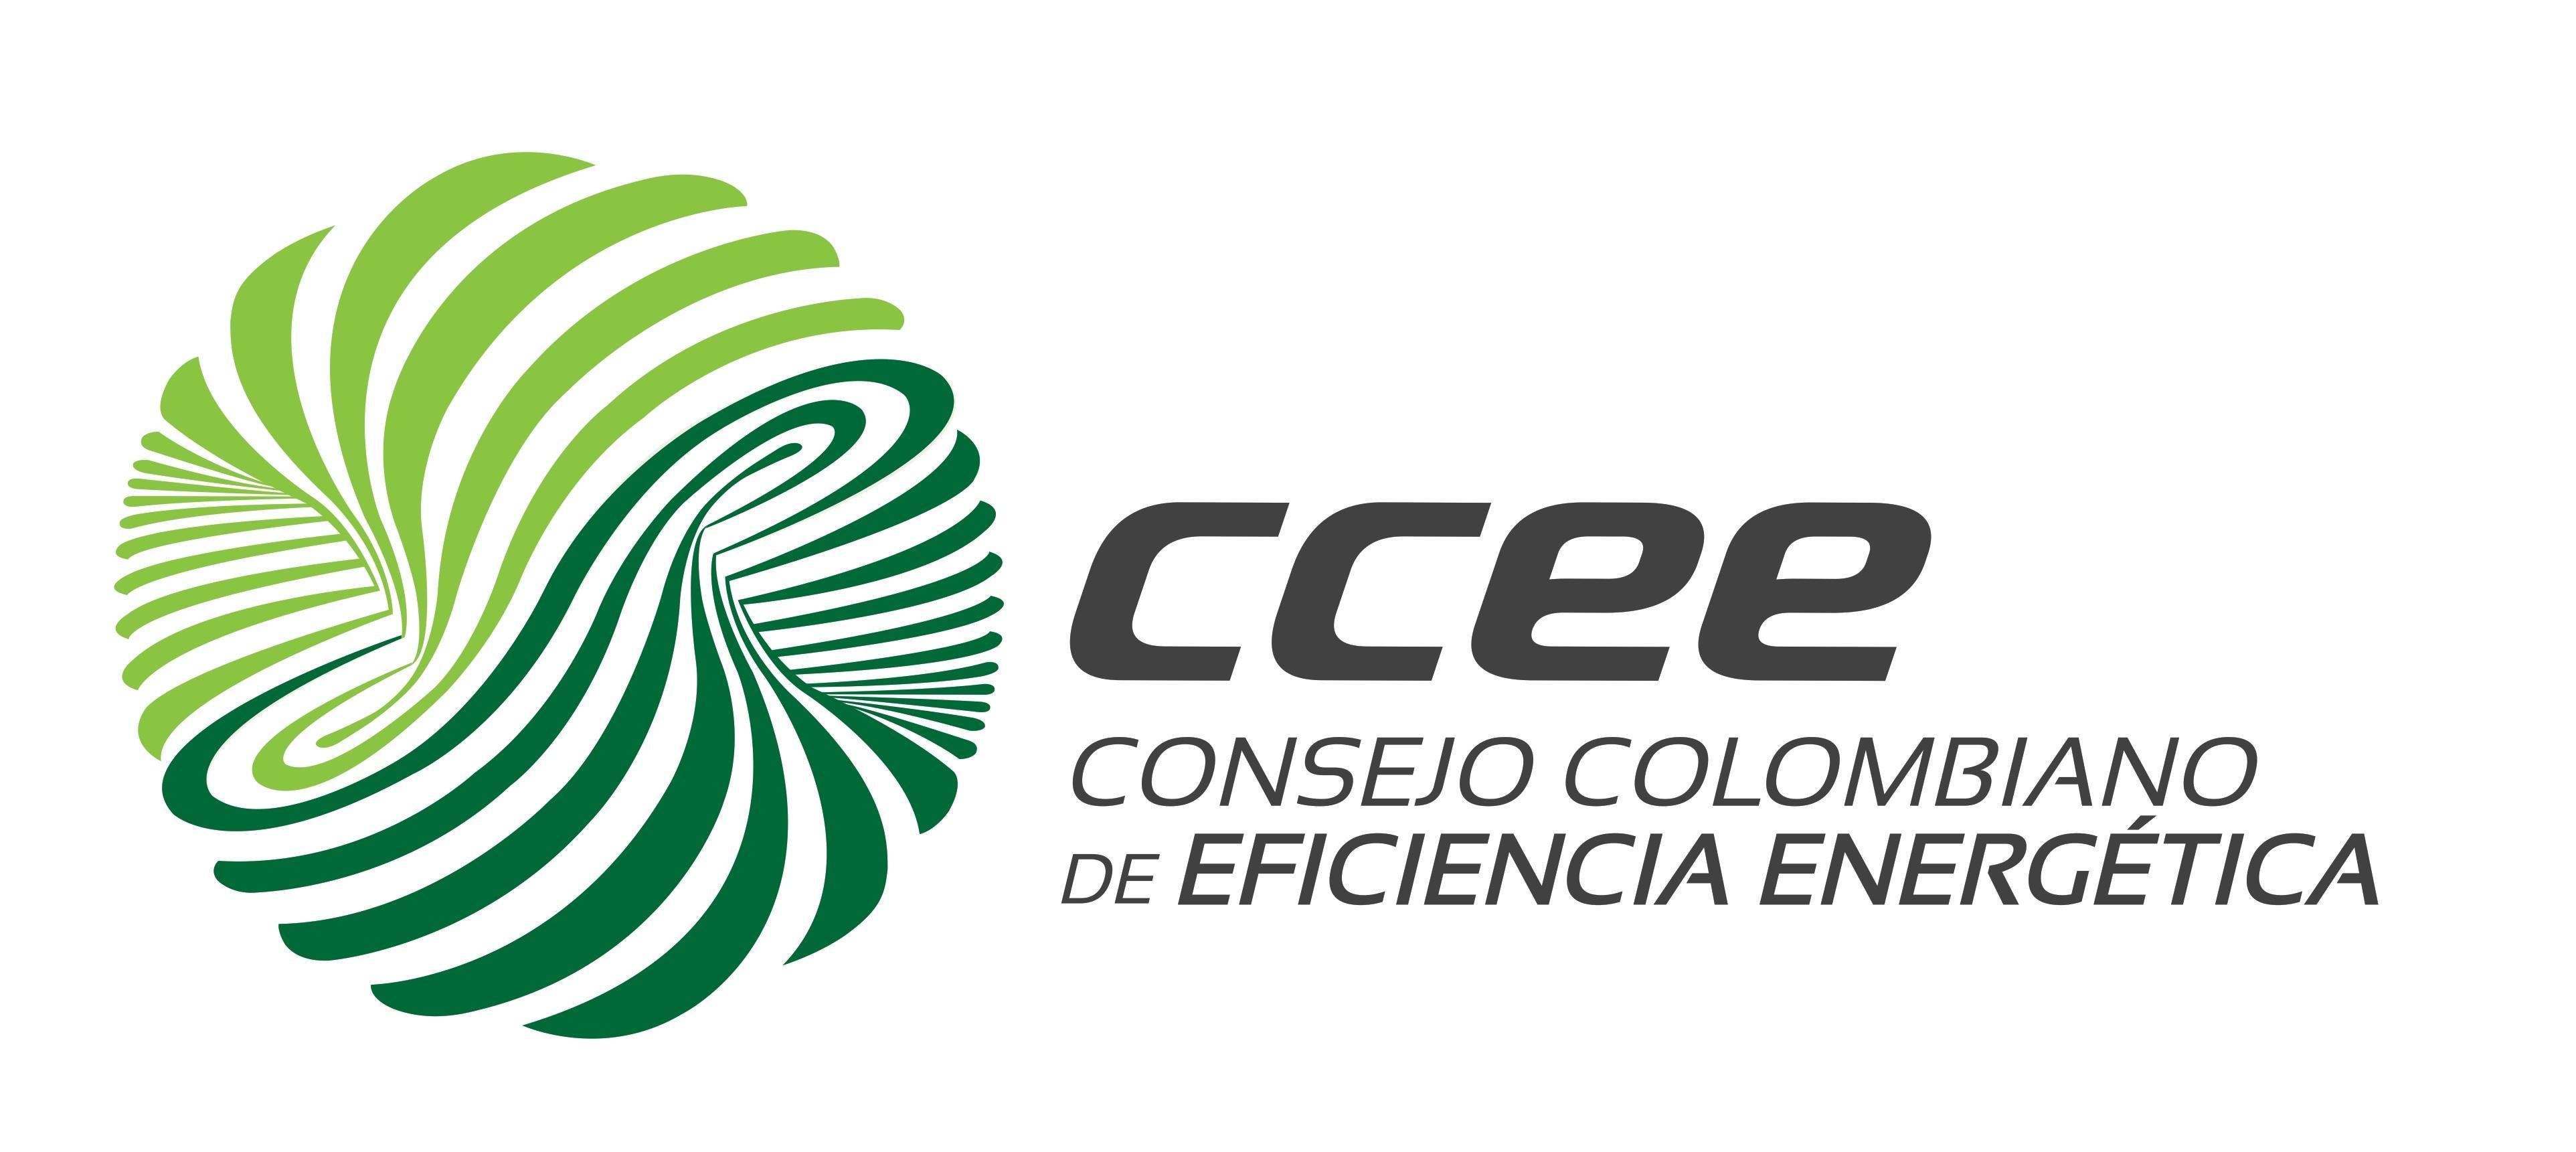 Consejo Colombiano de Eficiencia Energética